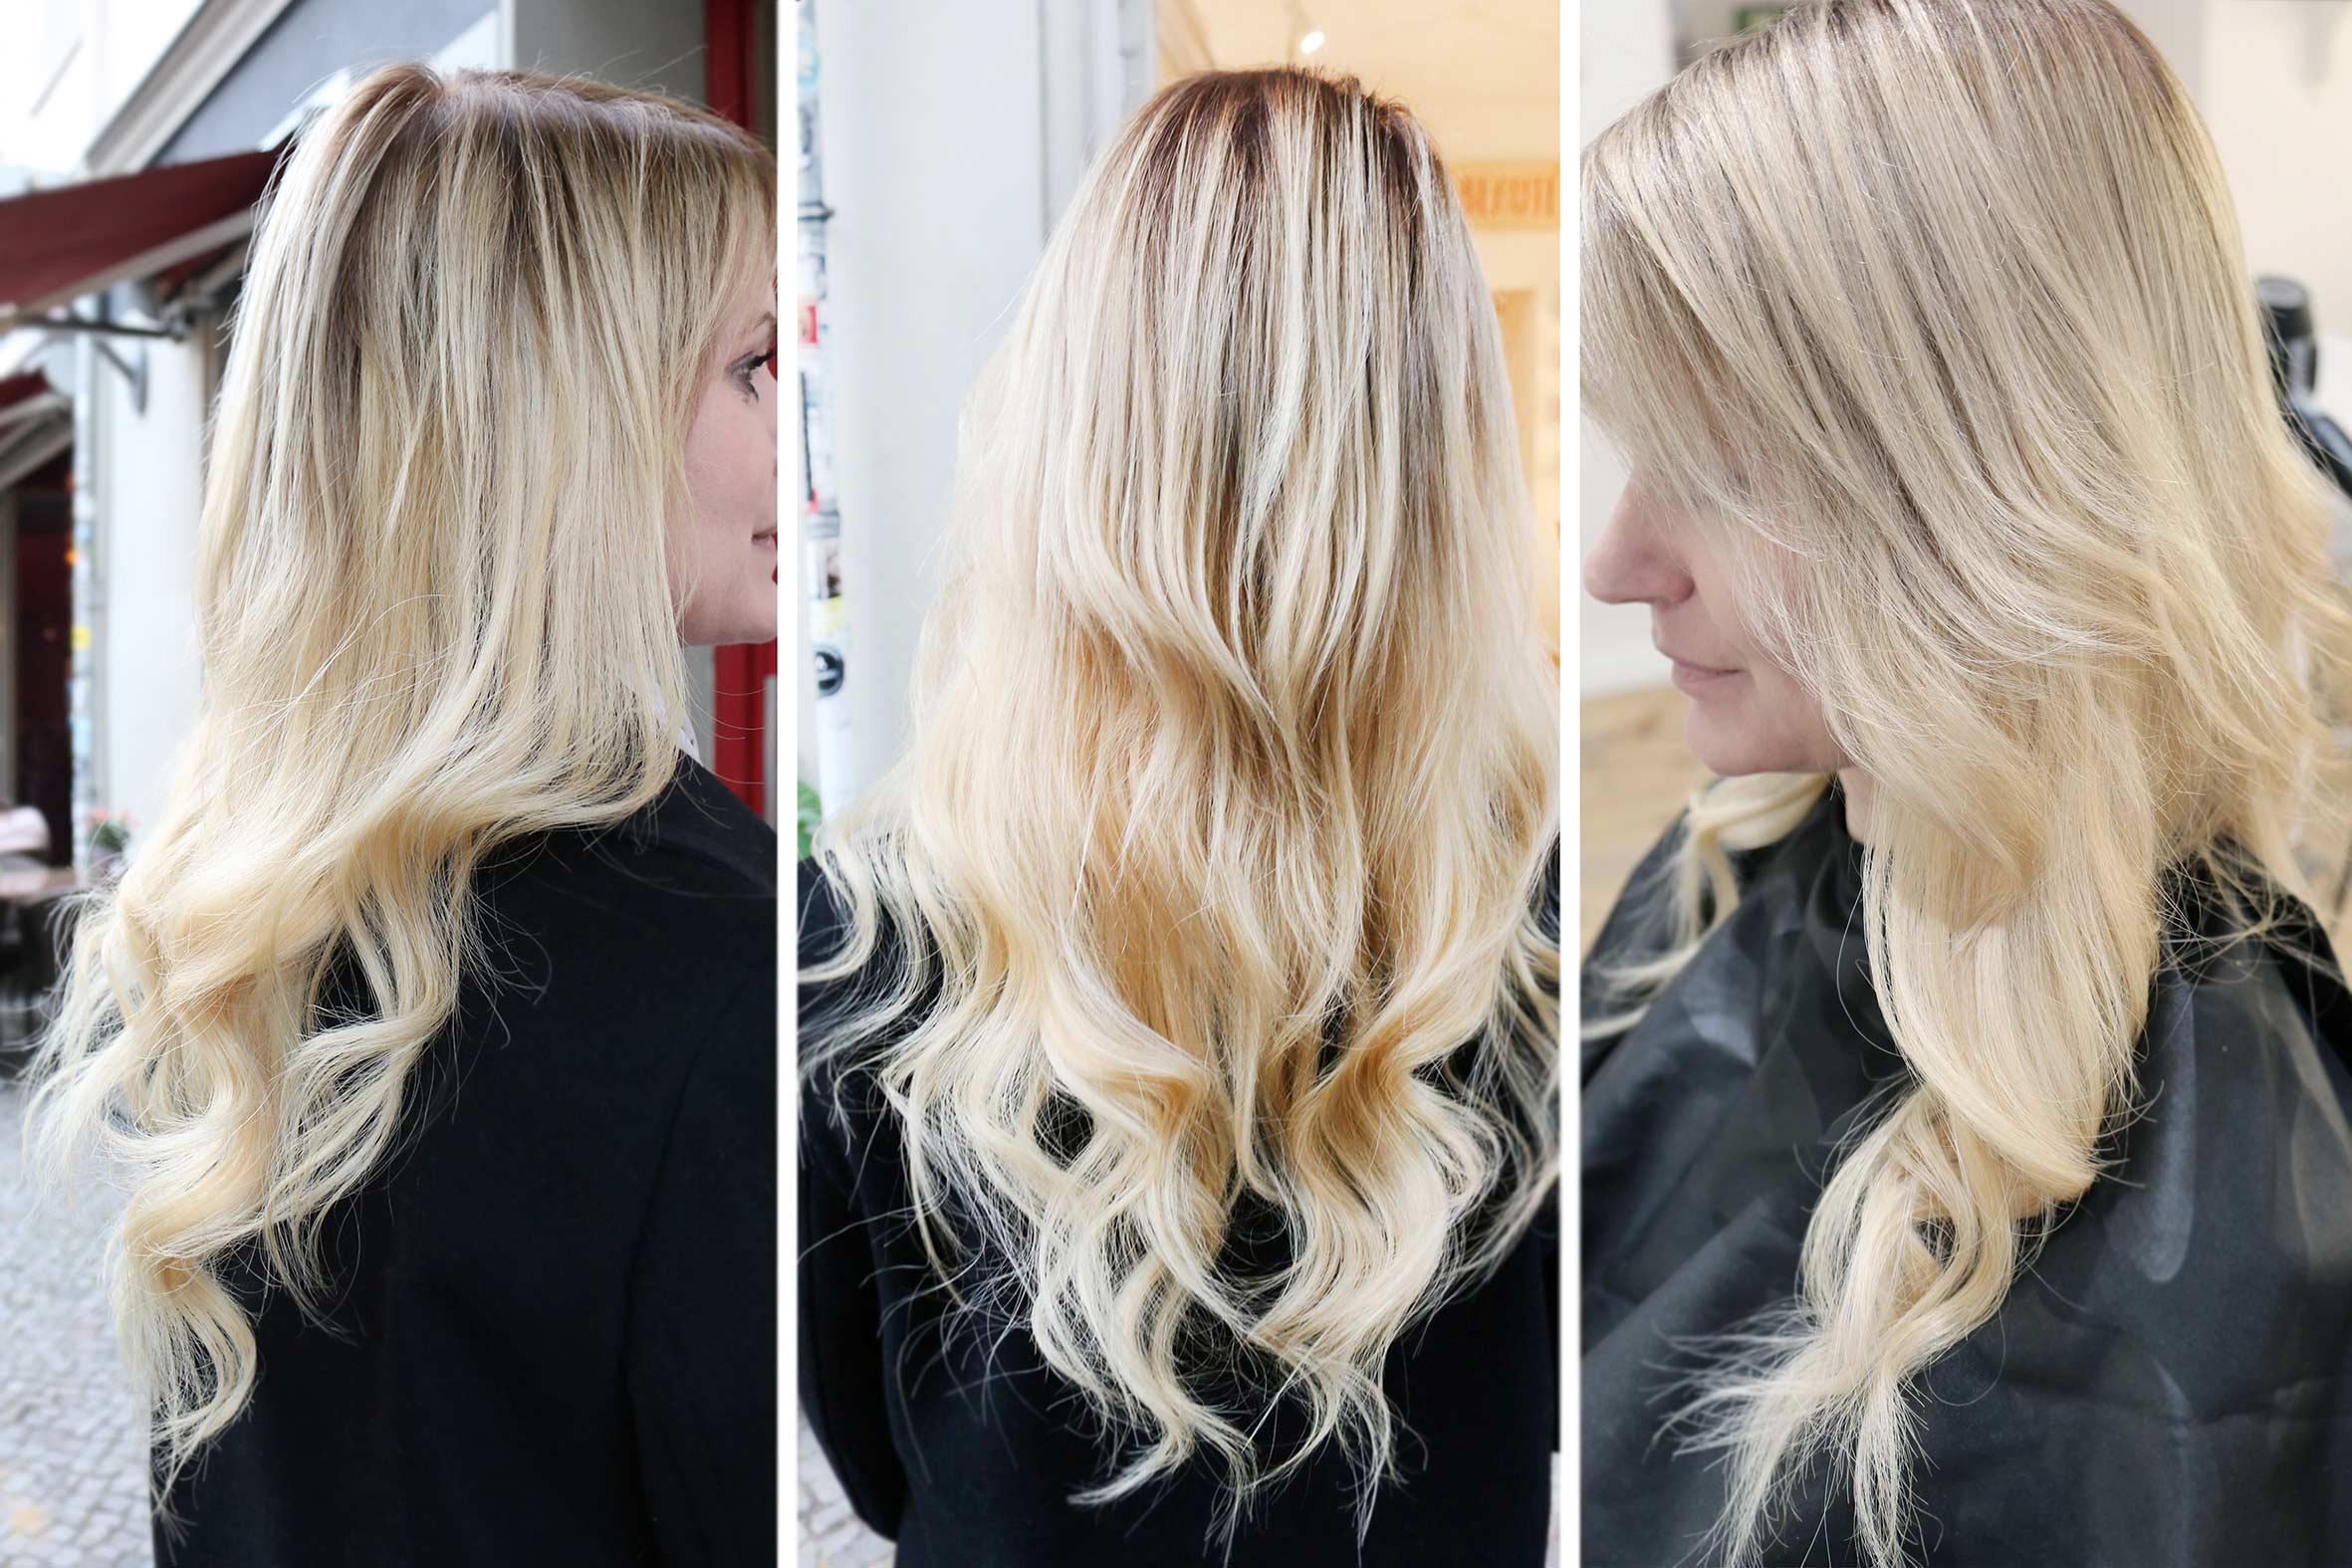 Bei PÜPPIKRAM kannst du dir Extensions und Haarverlängerungen machen lassen